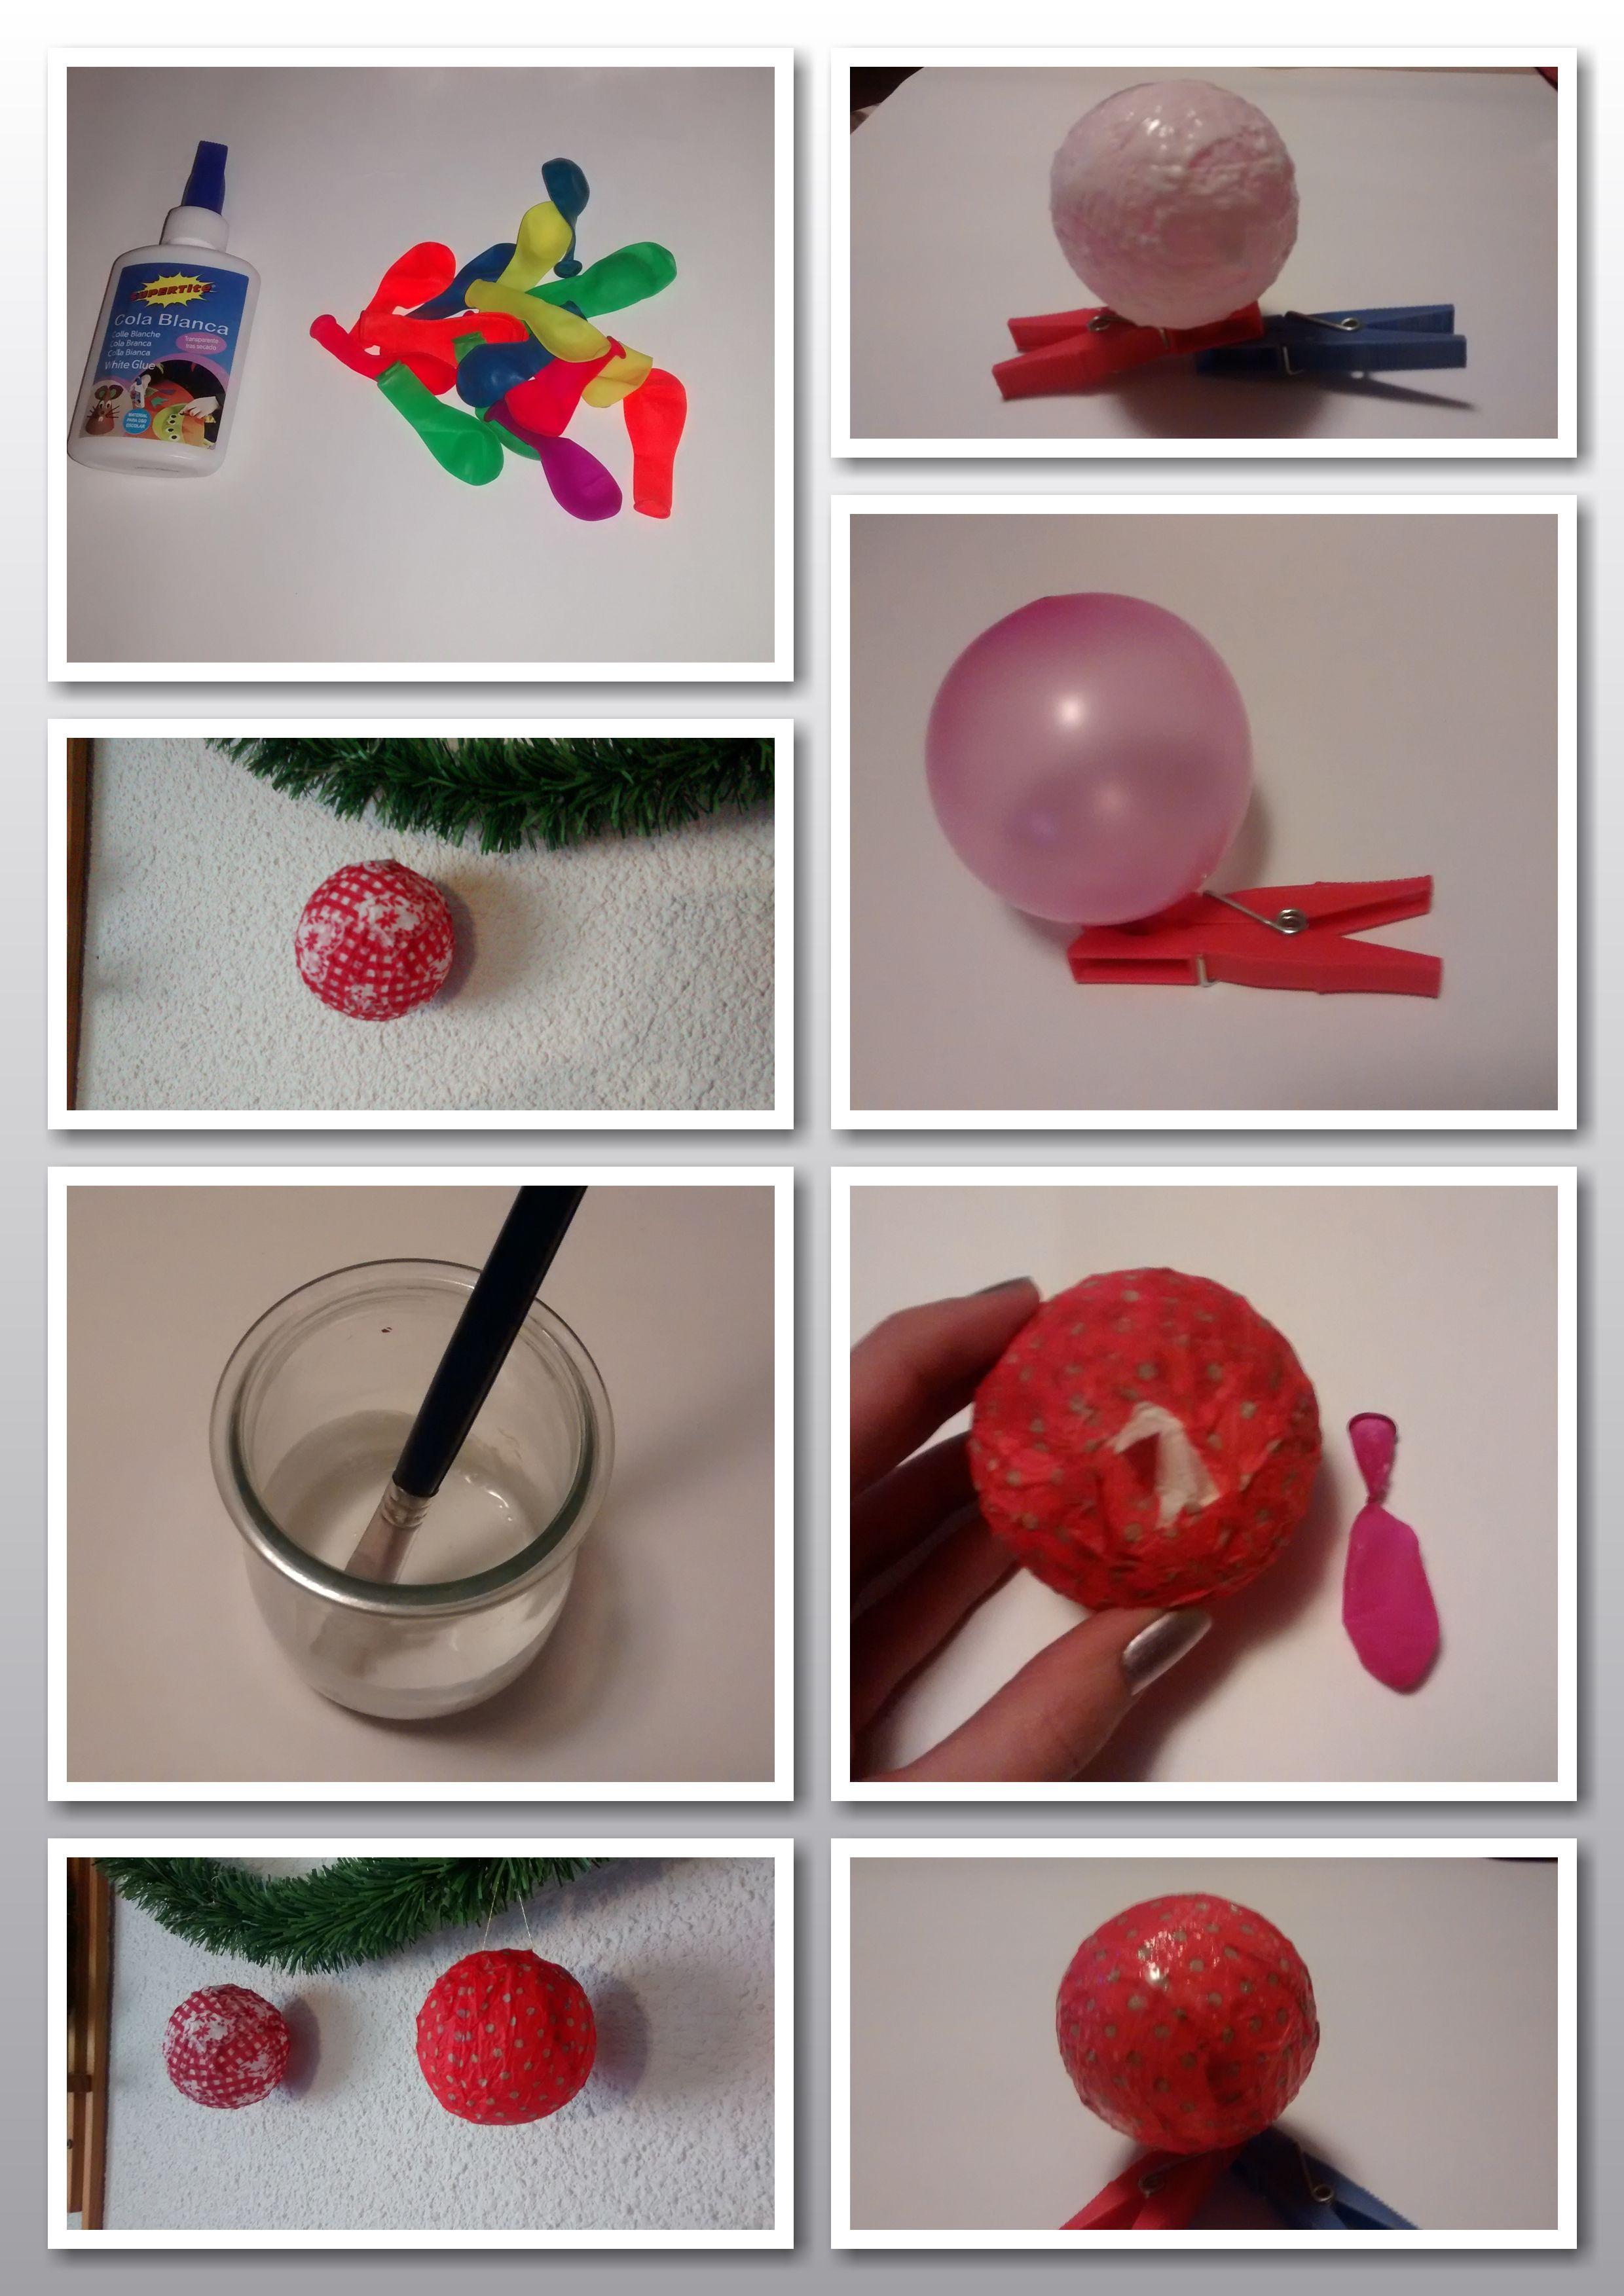 Bolas De Navidad Hechas Con Globos Papel Y Cola De Manualidades Bolas De Navidad Manualidades Manualidades Navidenas